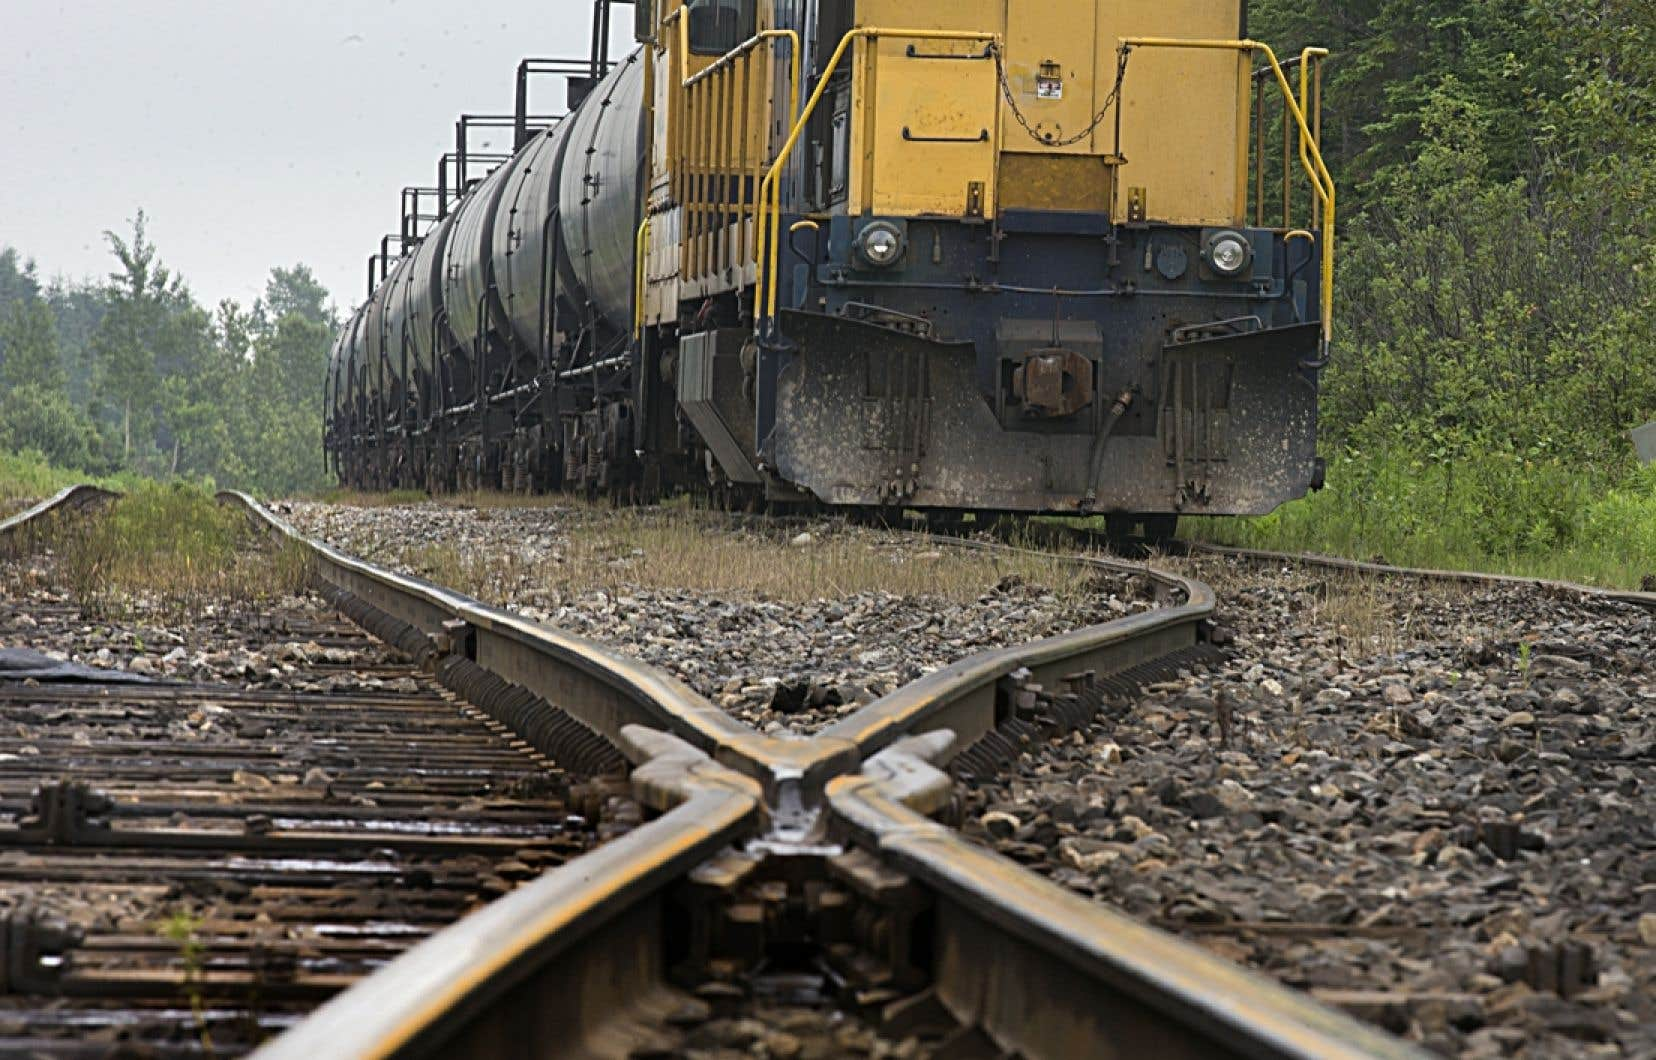 Les responsables municipaux du pays demandent au gouvernement fédéral de fournir à l'avance plus d'information à propos de la nature des marchandises transportées par voie ferroviaire.